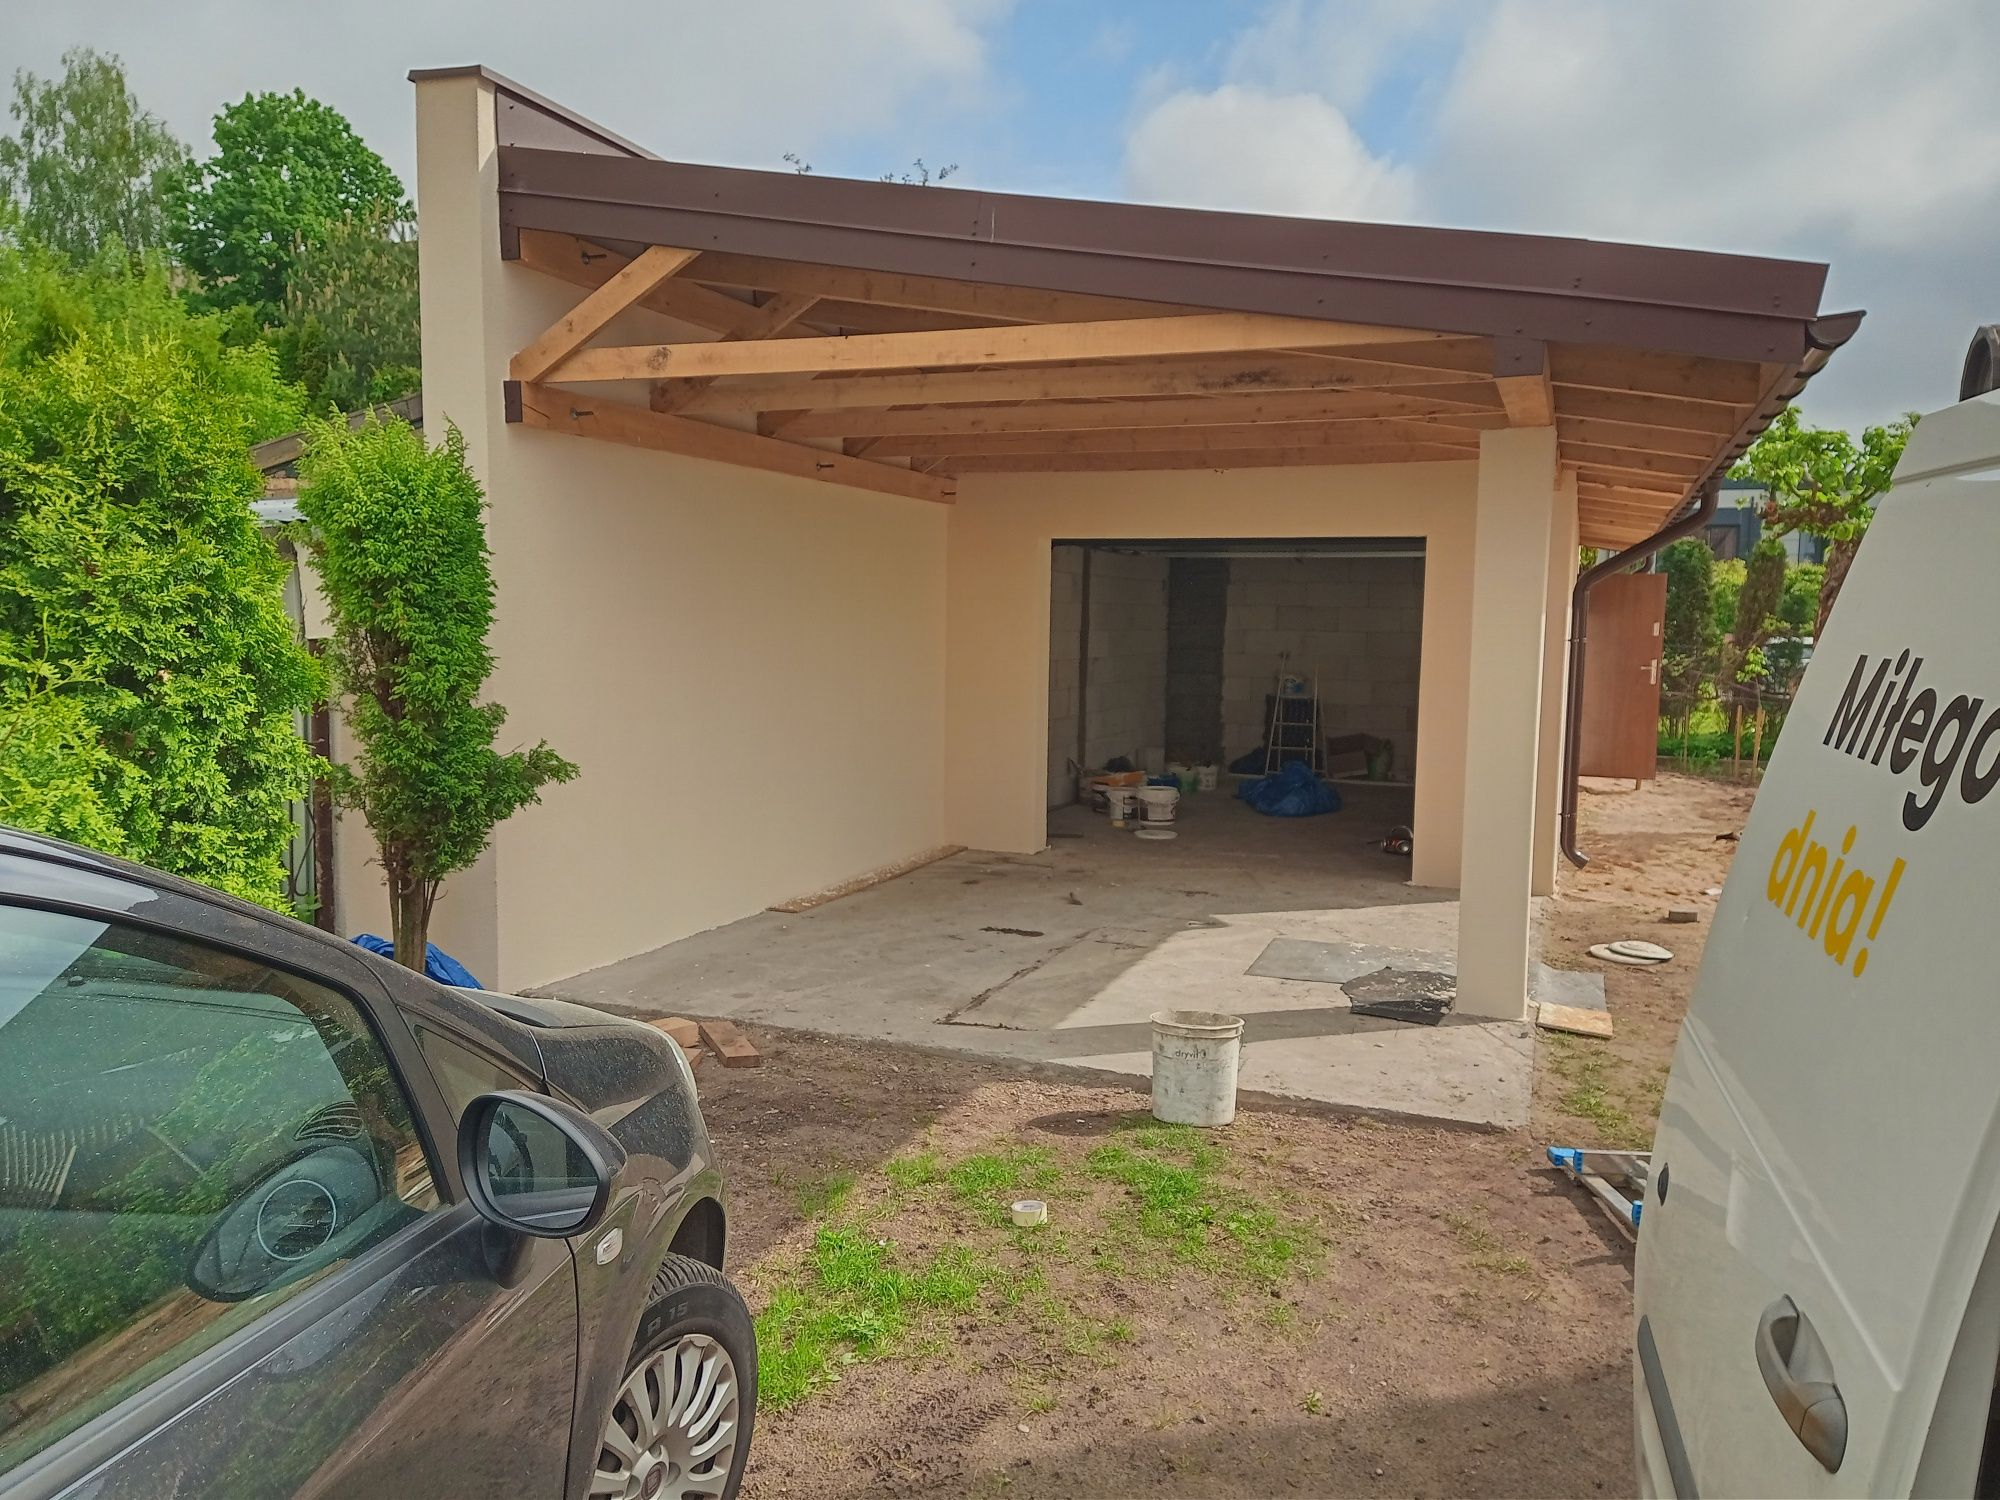 Usługi budowlane, elewacje, konstrukcje drewniane